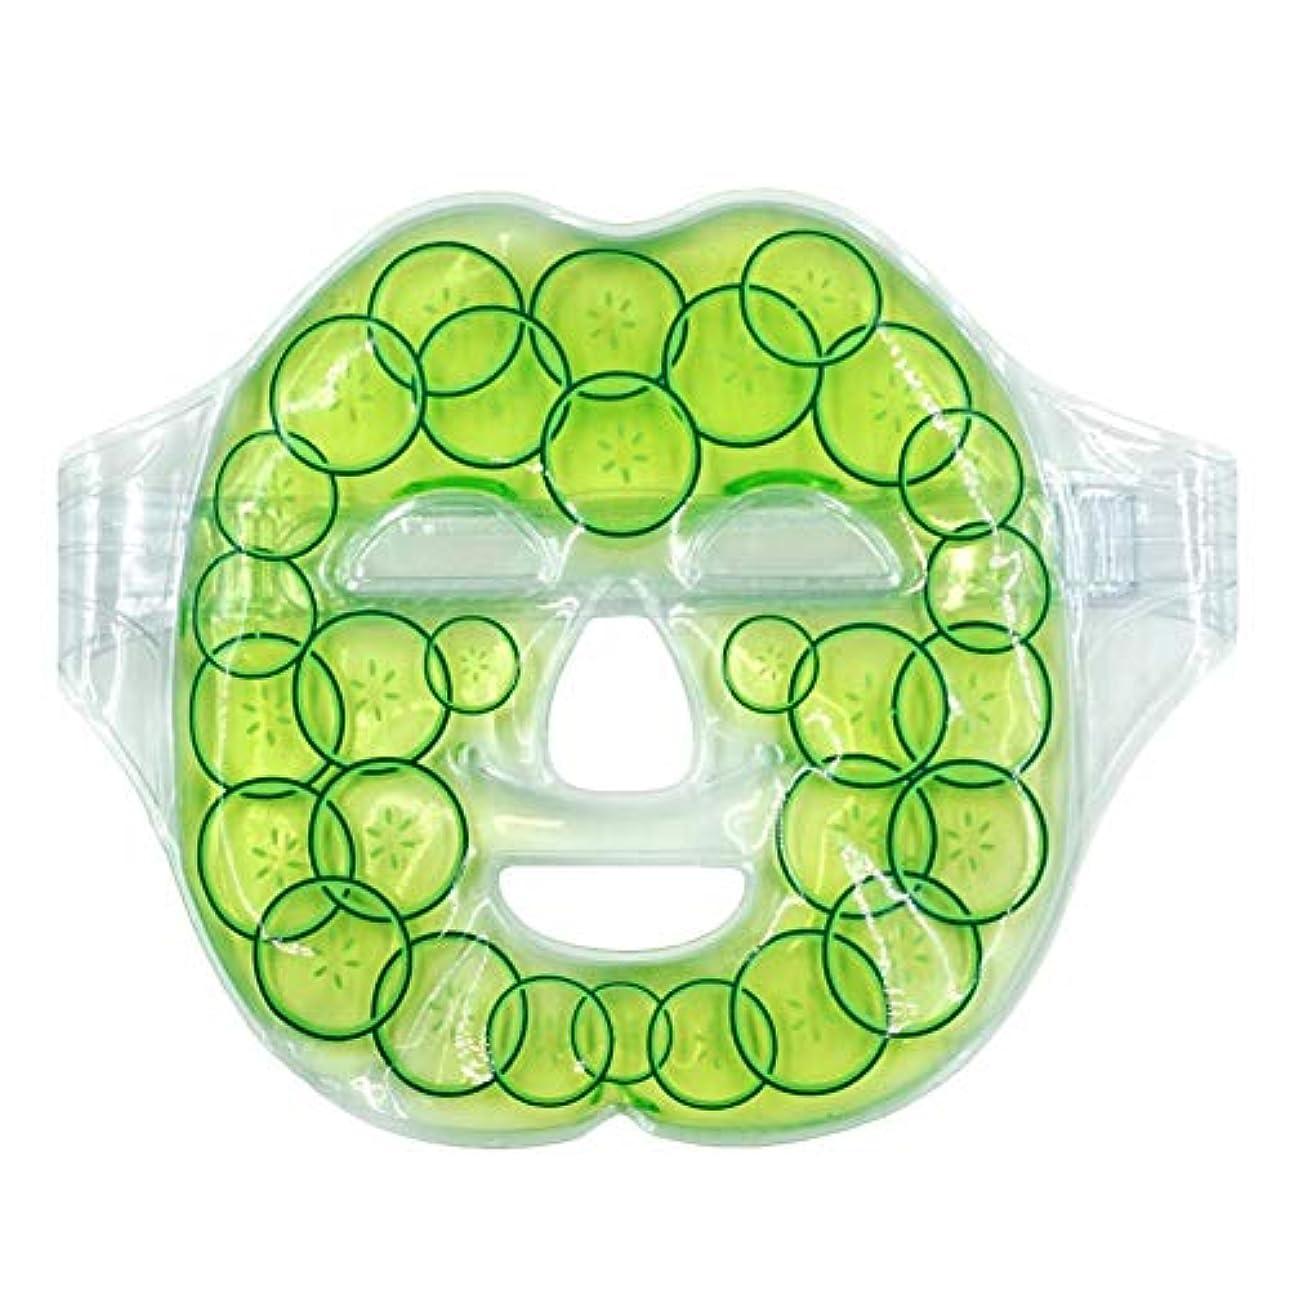 フェイスパック きゅうりパック 冷温罨法パック パックマスク 毛穴を縮める シワの予防 皮膚を締め付ける 再利用可能 junexi